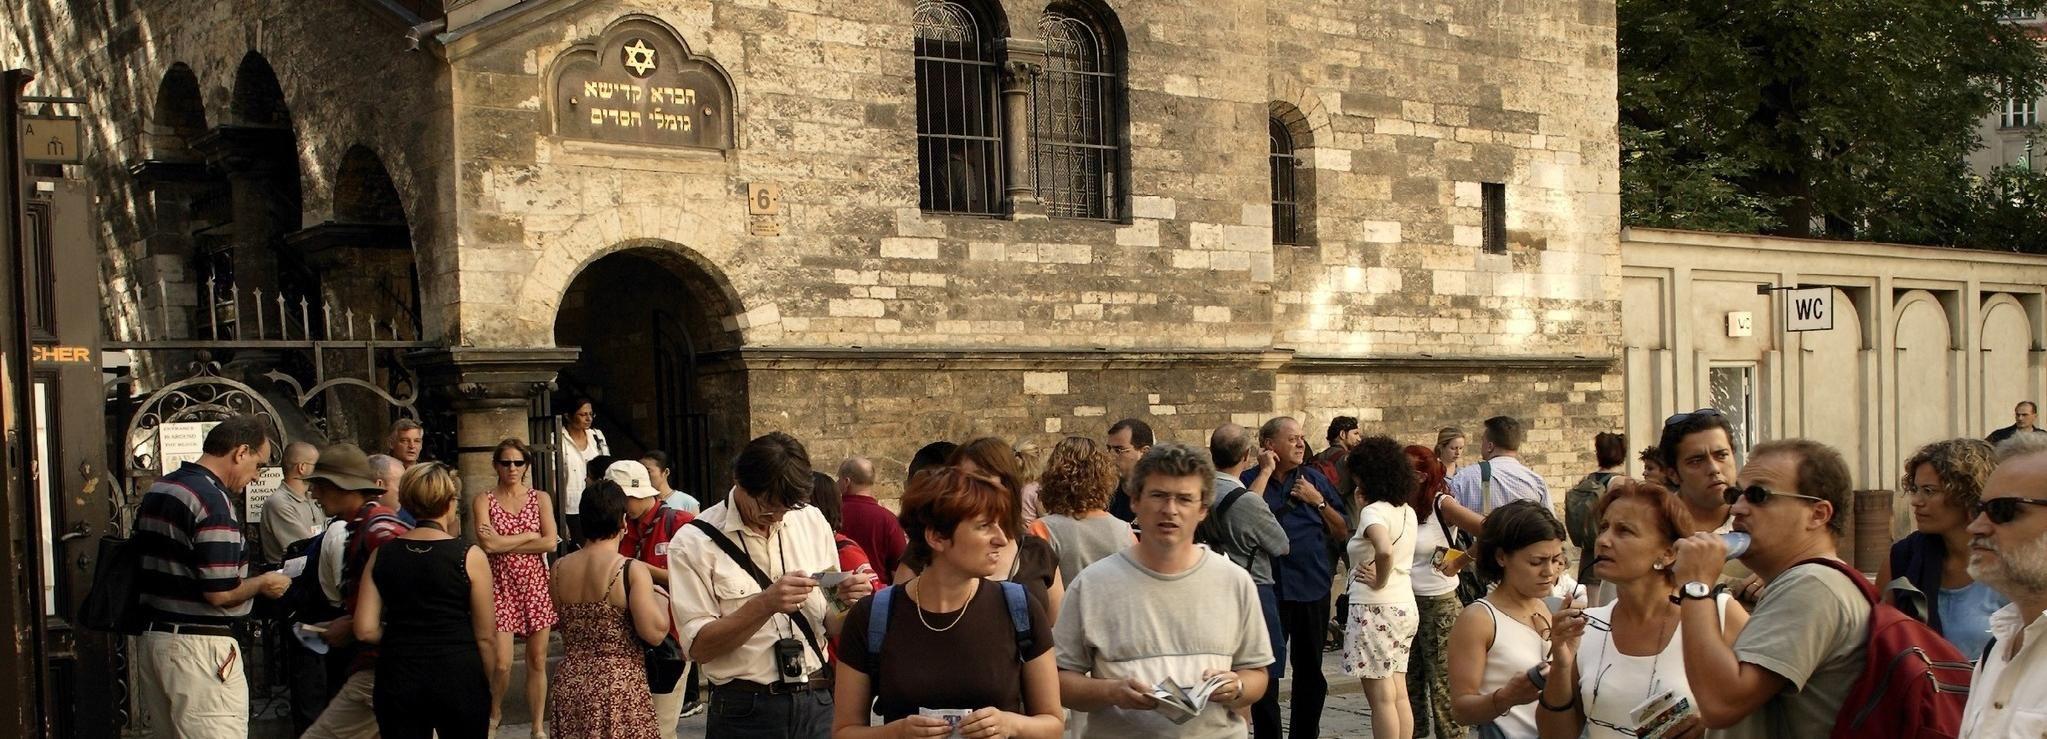 Jewish Town Walking Tour in Prague